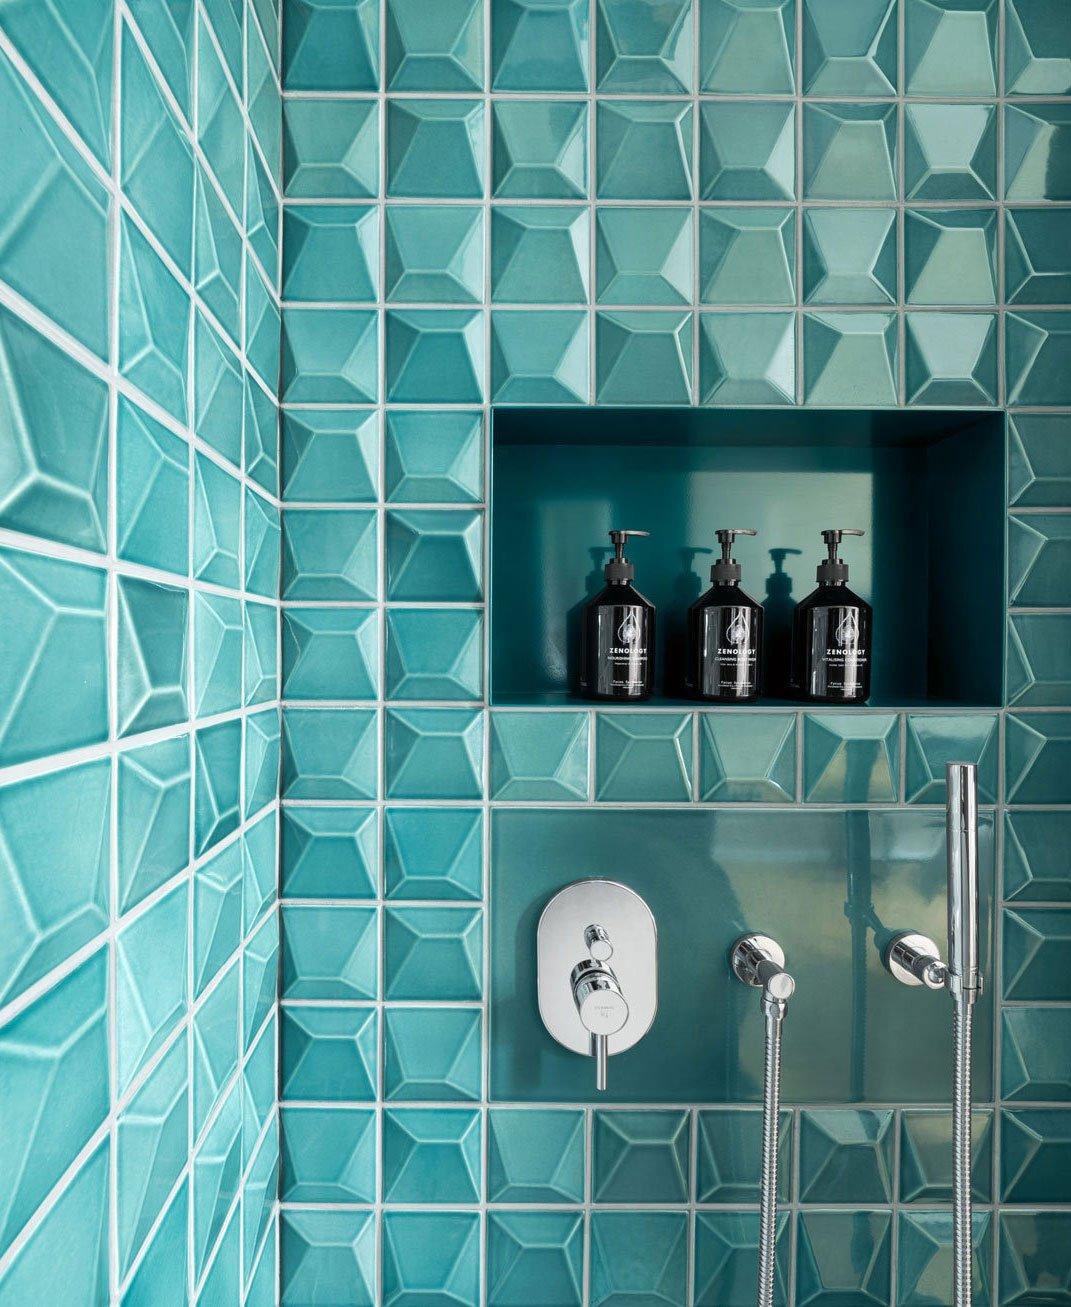 Handgefertigte Produkte von Oro Bianco Handmade Tiles